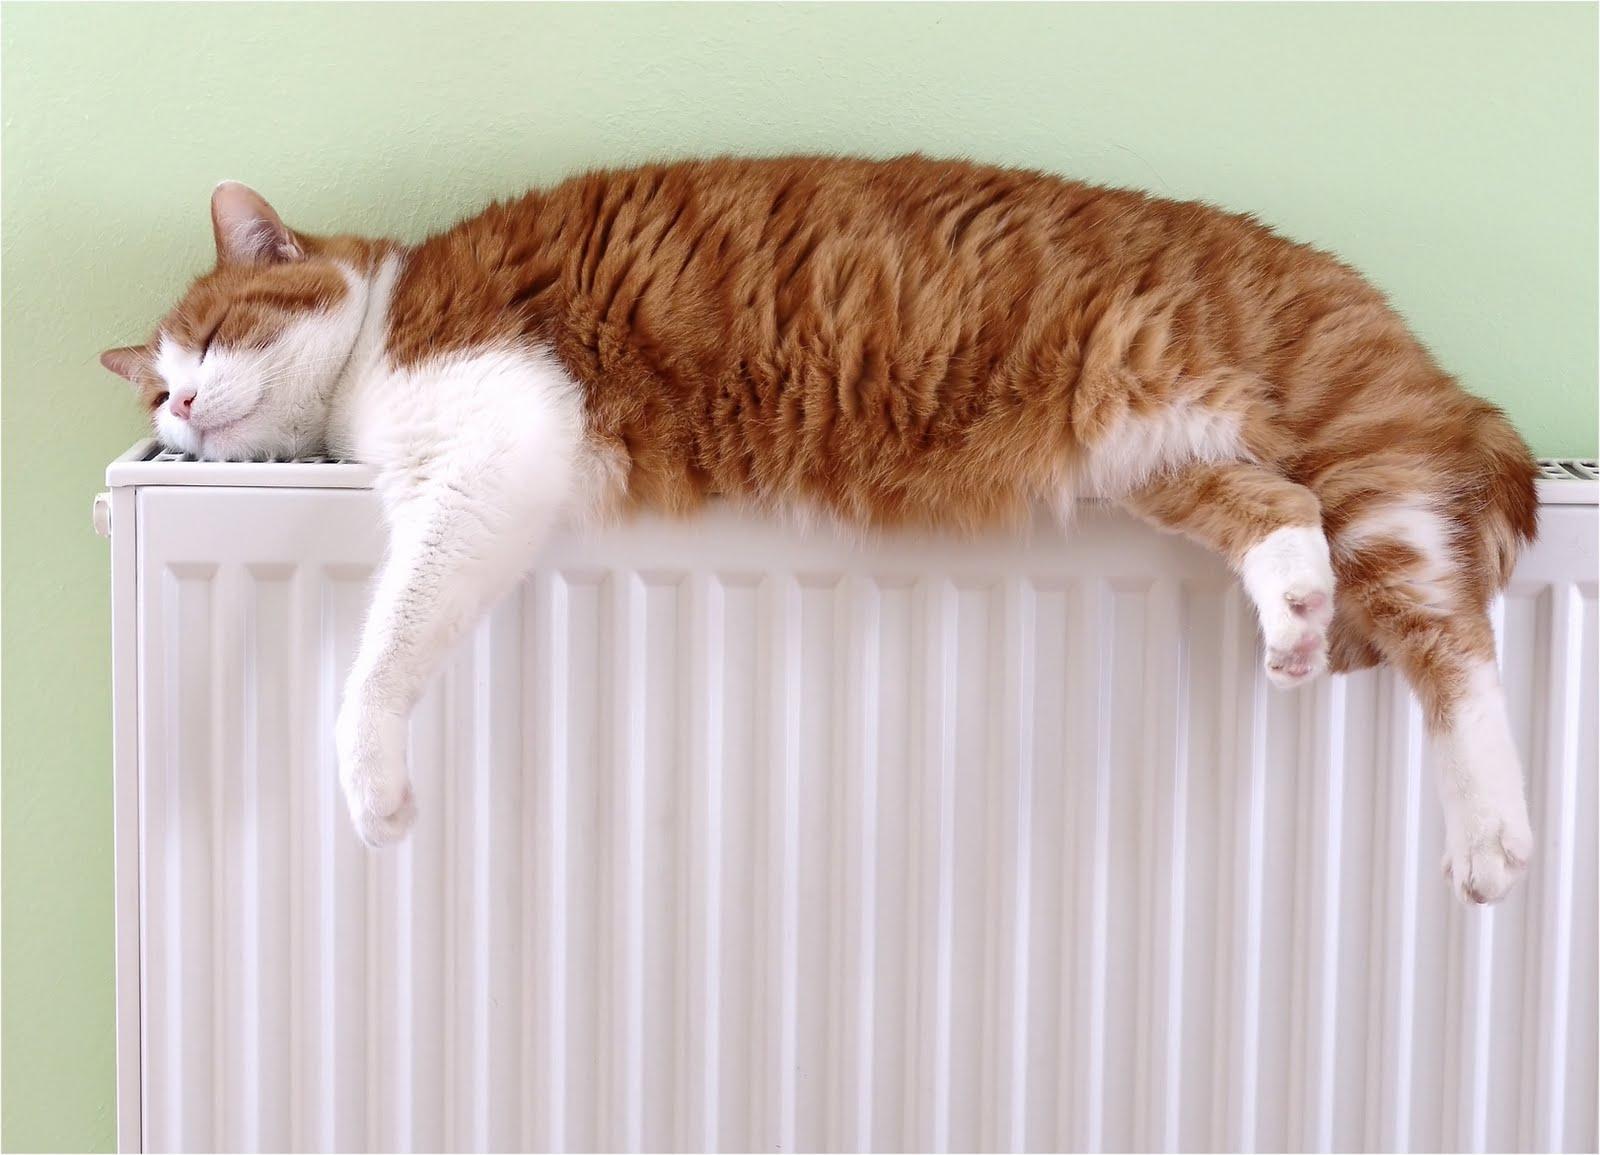 Barquitec diy cama calentita para gatos for Cama para gatos